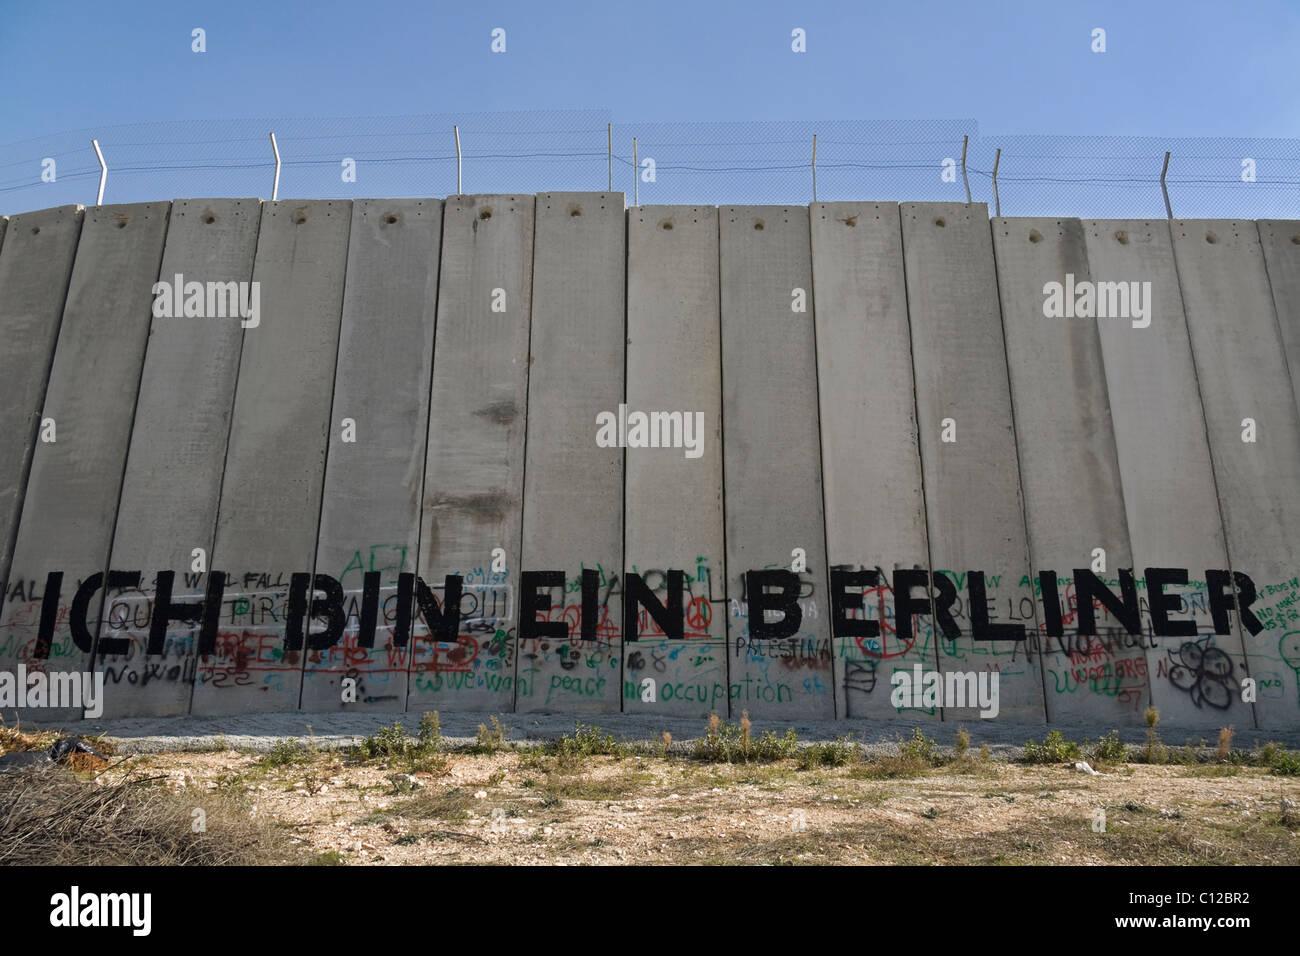 Un graffiti en el muro de separación, Palestina Imagen De Stock